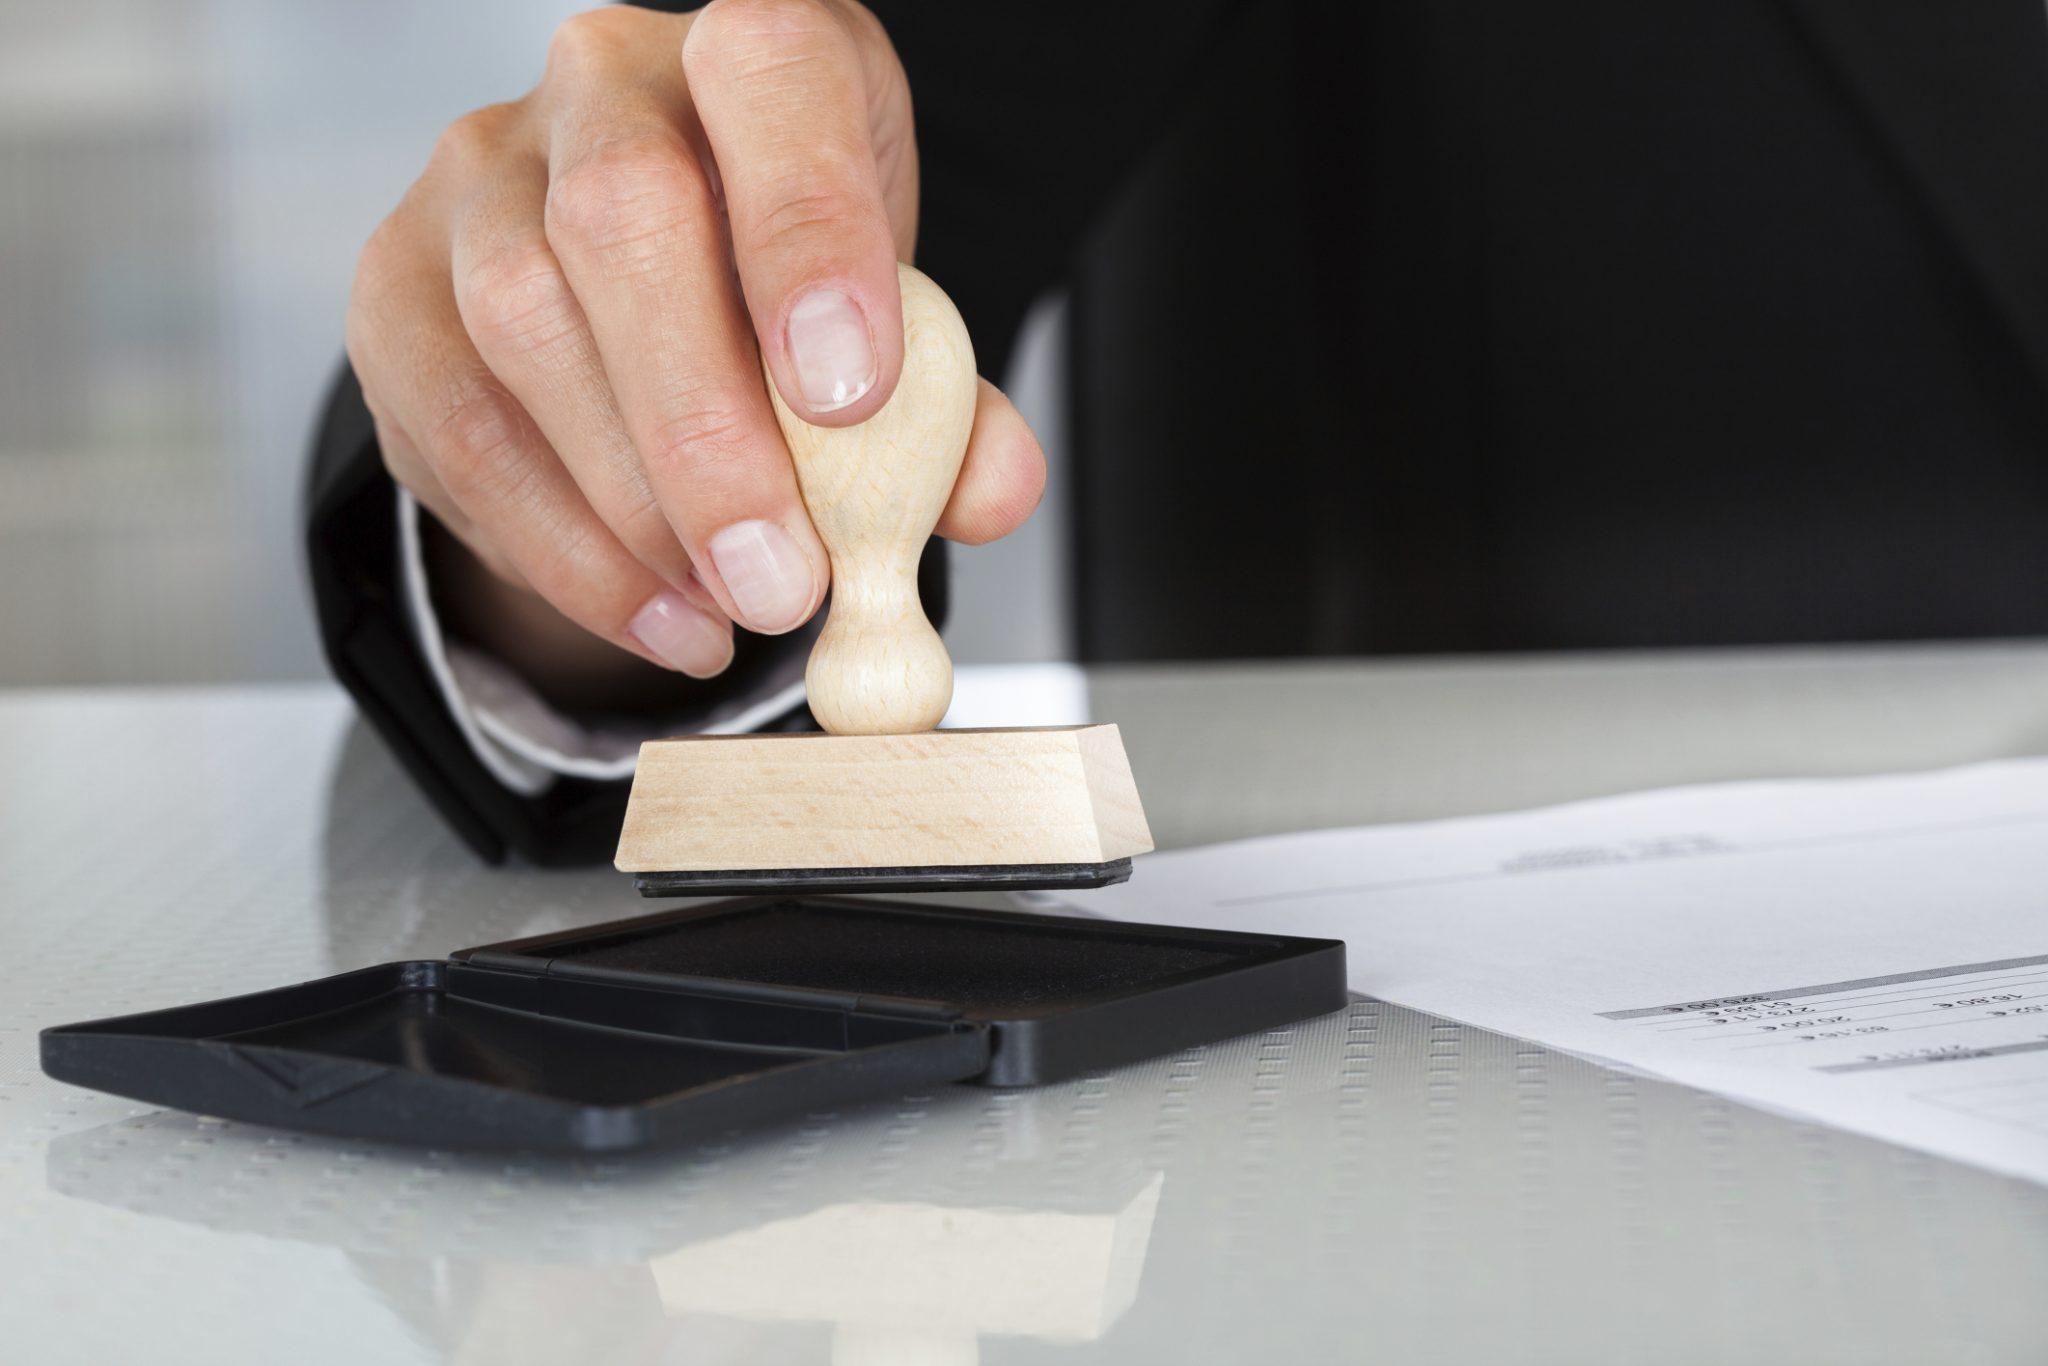 تقاضای ابطال مبایعهنامهای که بر اساس آن حکم به تنظیم سند رسمی صادر شده